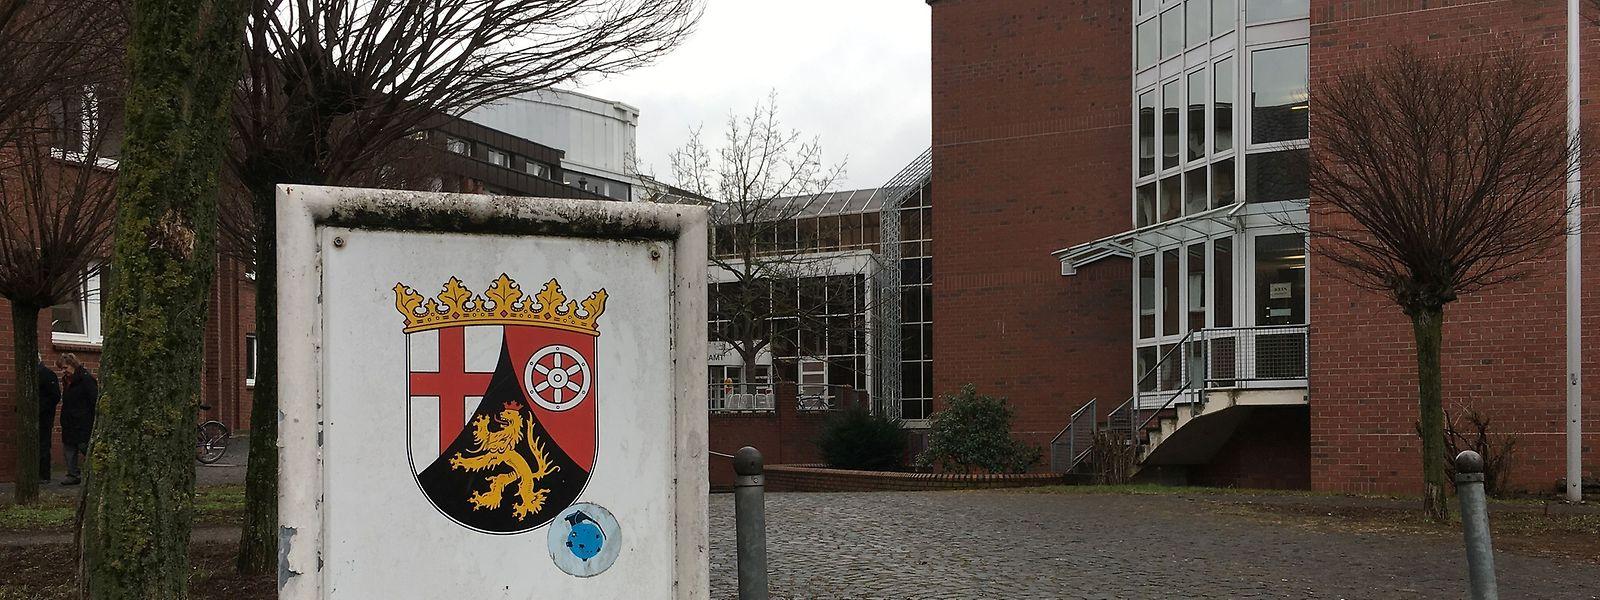 Bei der Trierer Steuerverwaltung gingen seit 2010 insgesamt 2055 Selbstanzeigen wegen Kapitalerträgen ein, davon stammten 1538 von Steuerpflichtigen mit Konto in Luxemburg.